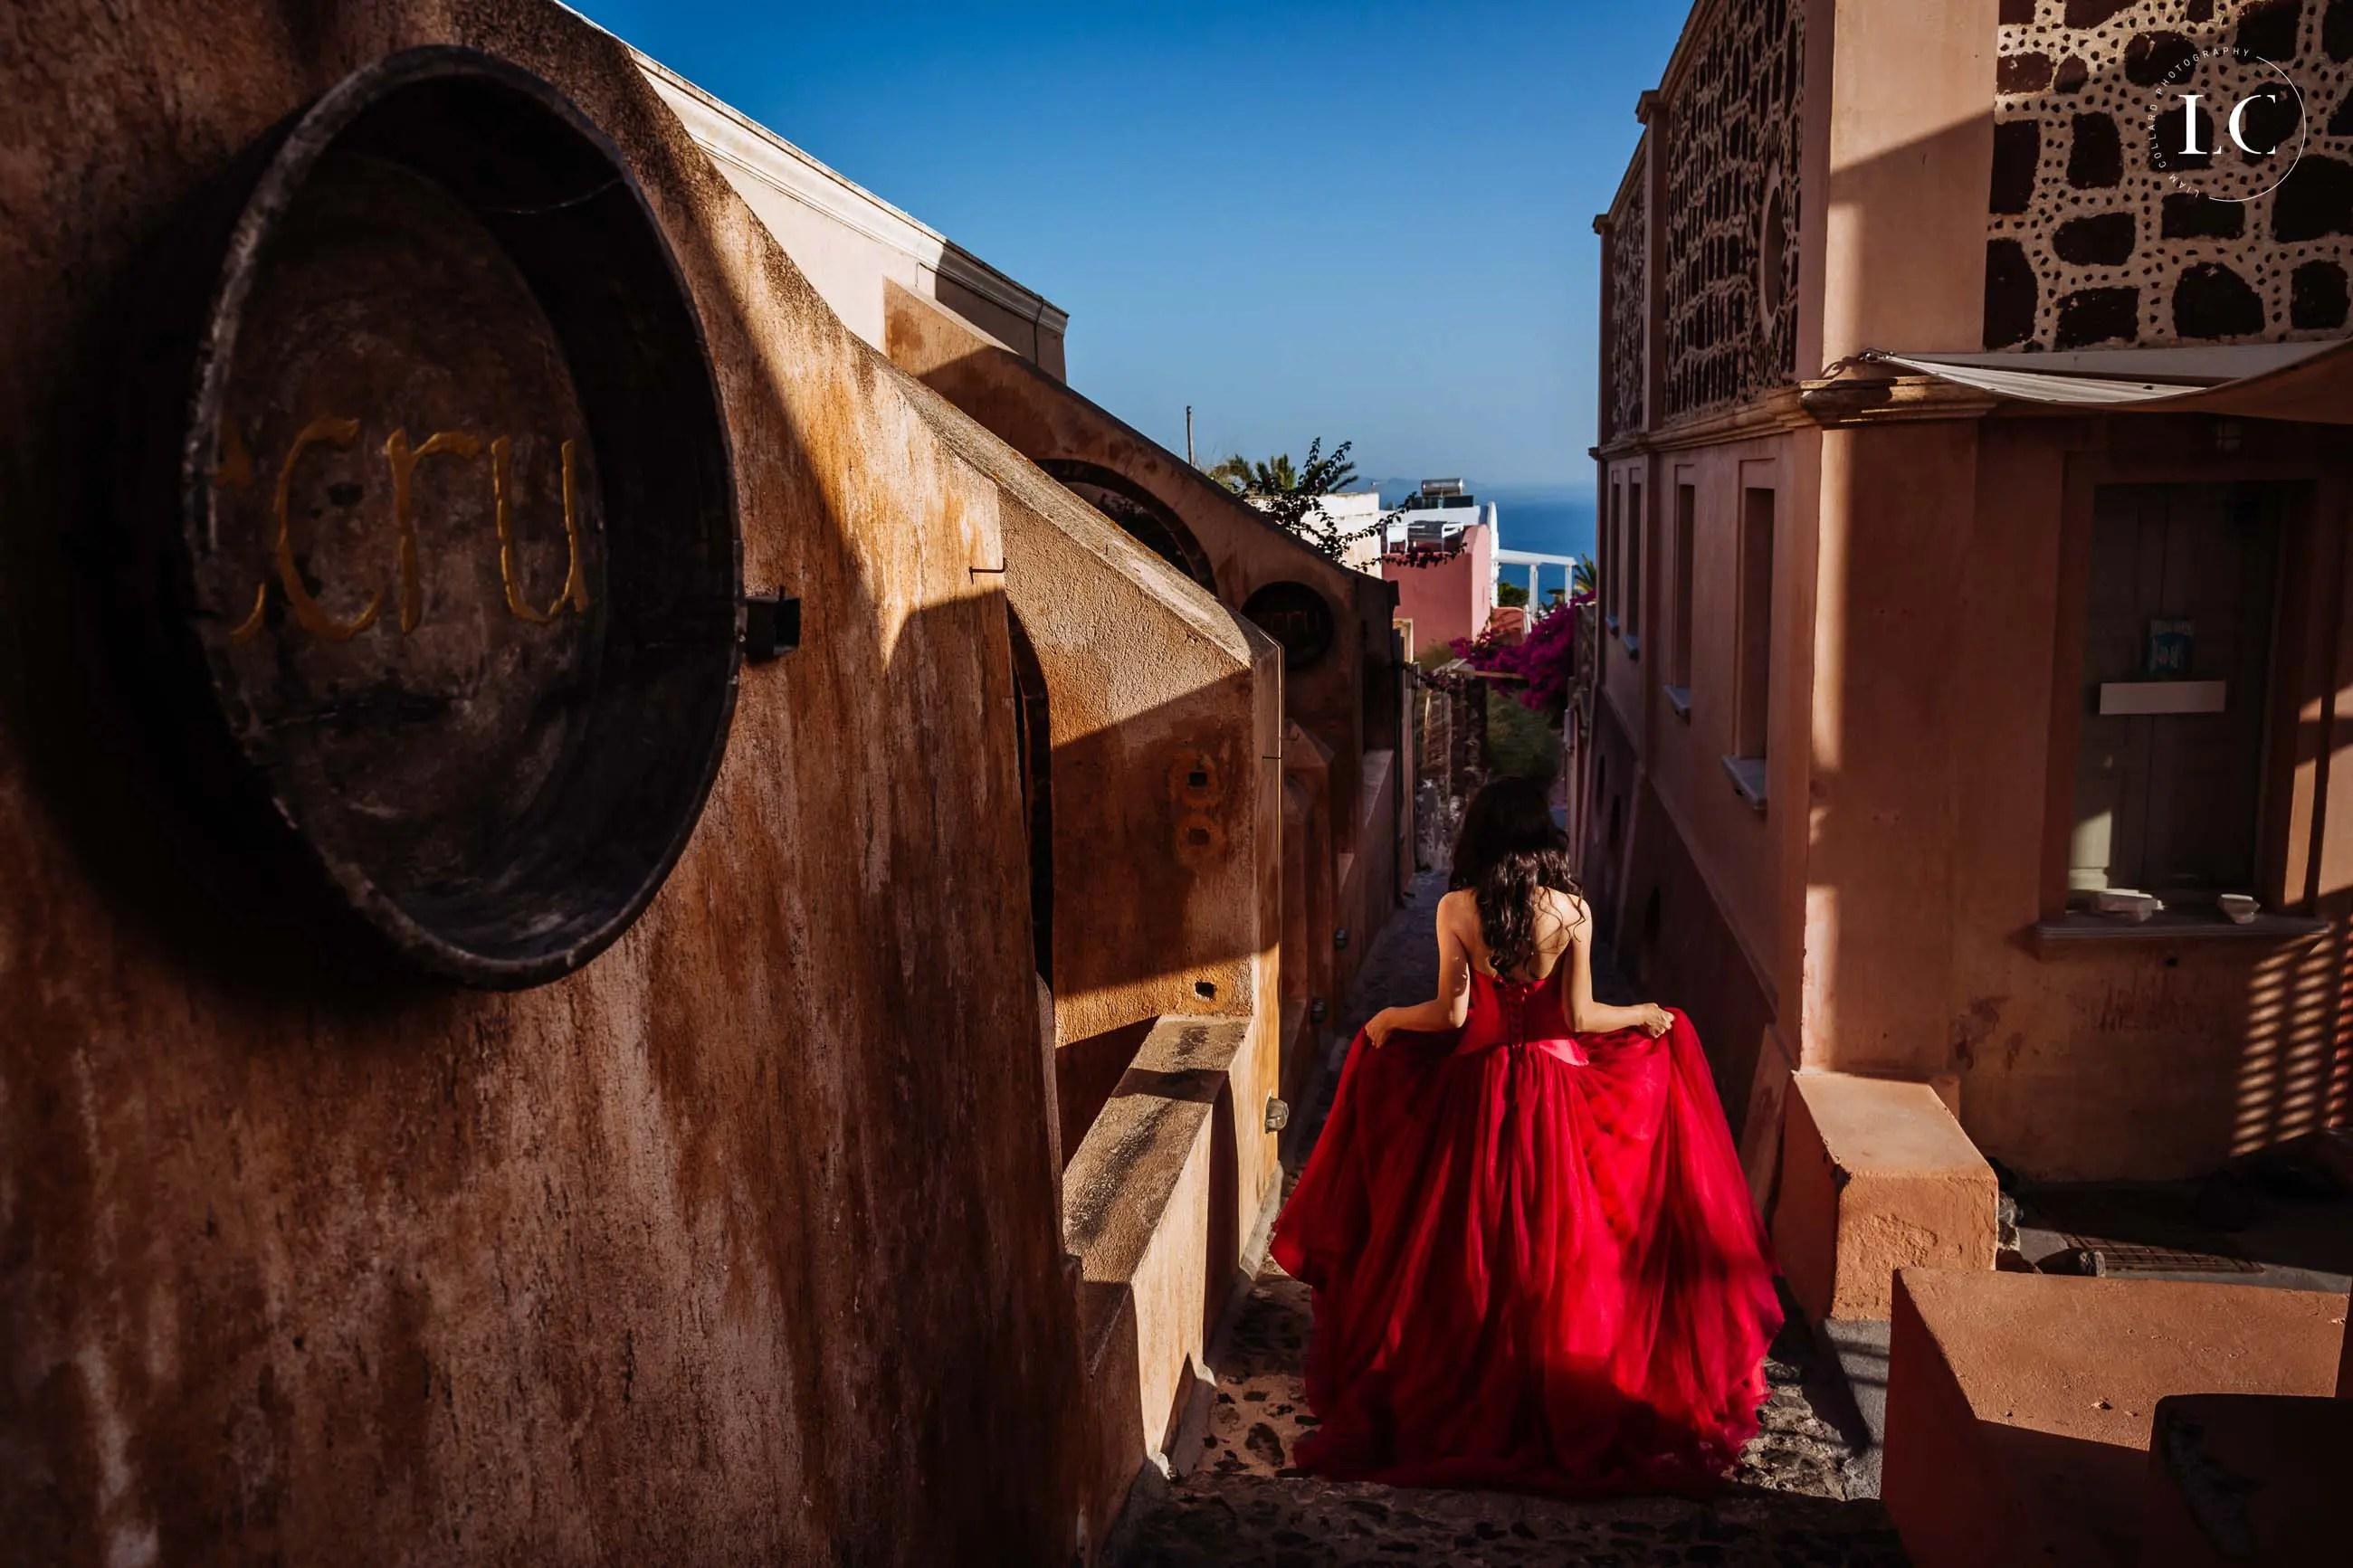 Bride in red walking in alleyway